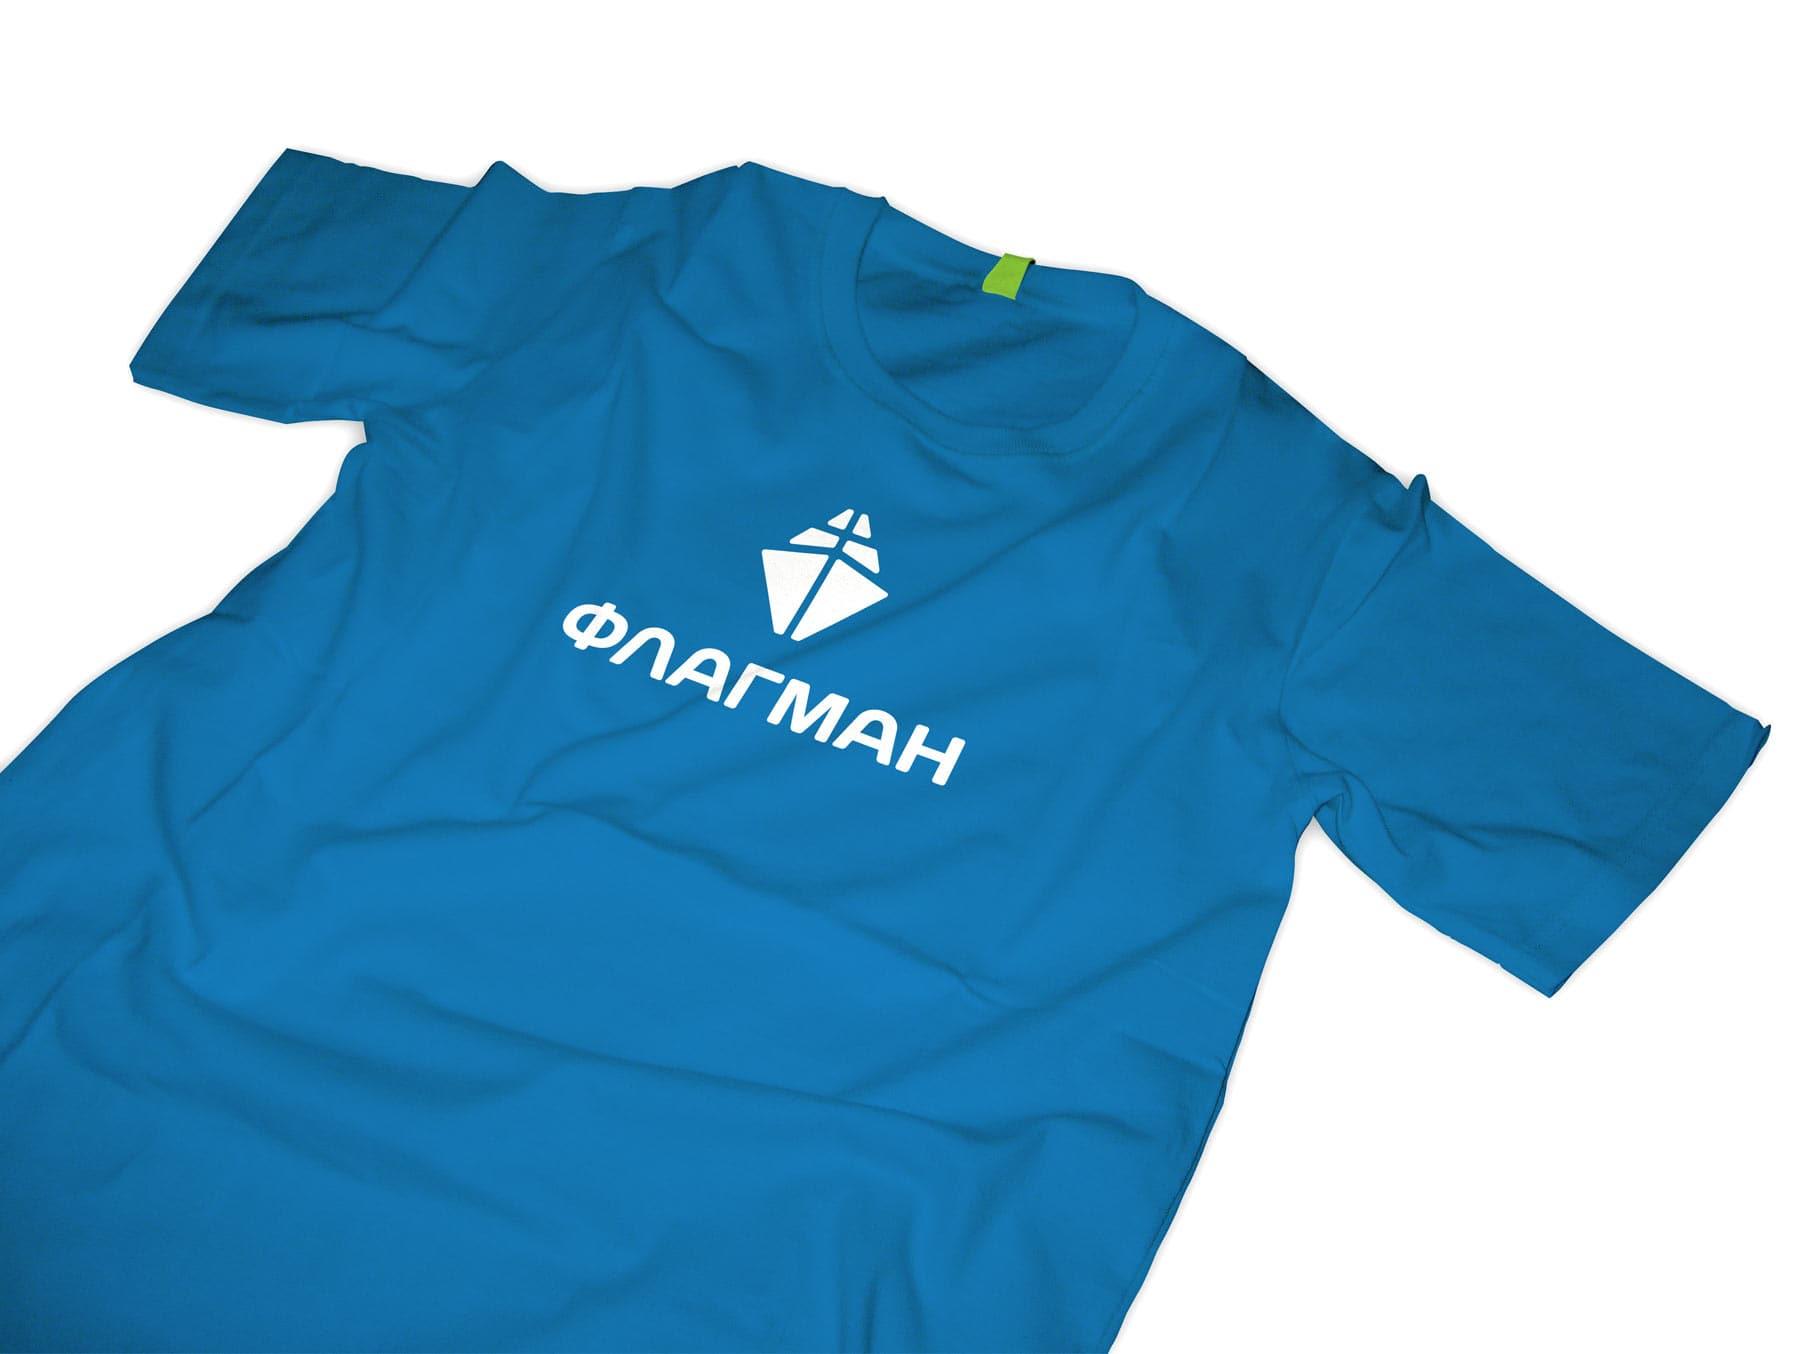 FLAGMAN_T-shirt